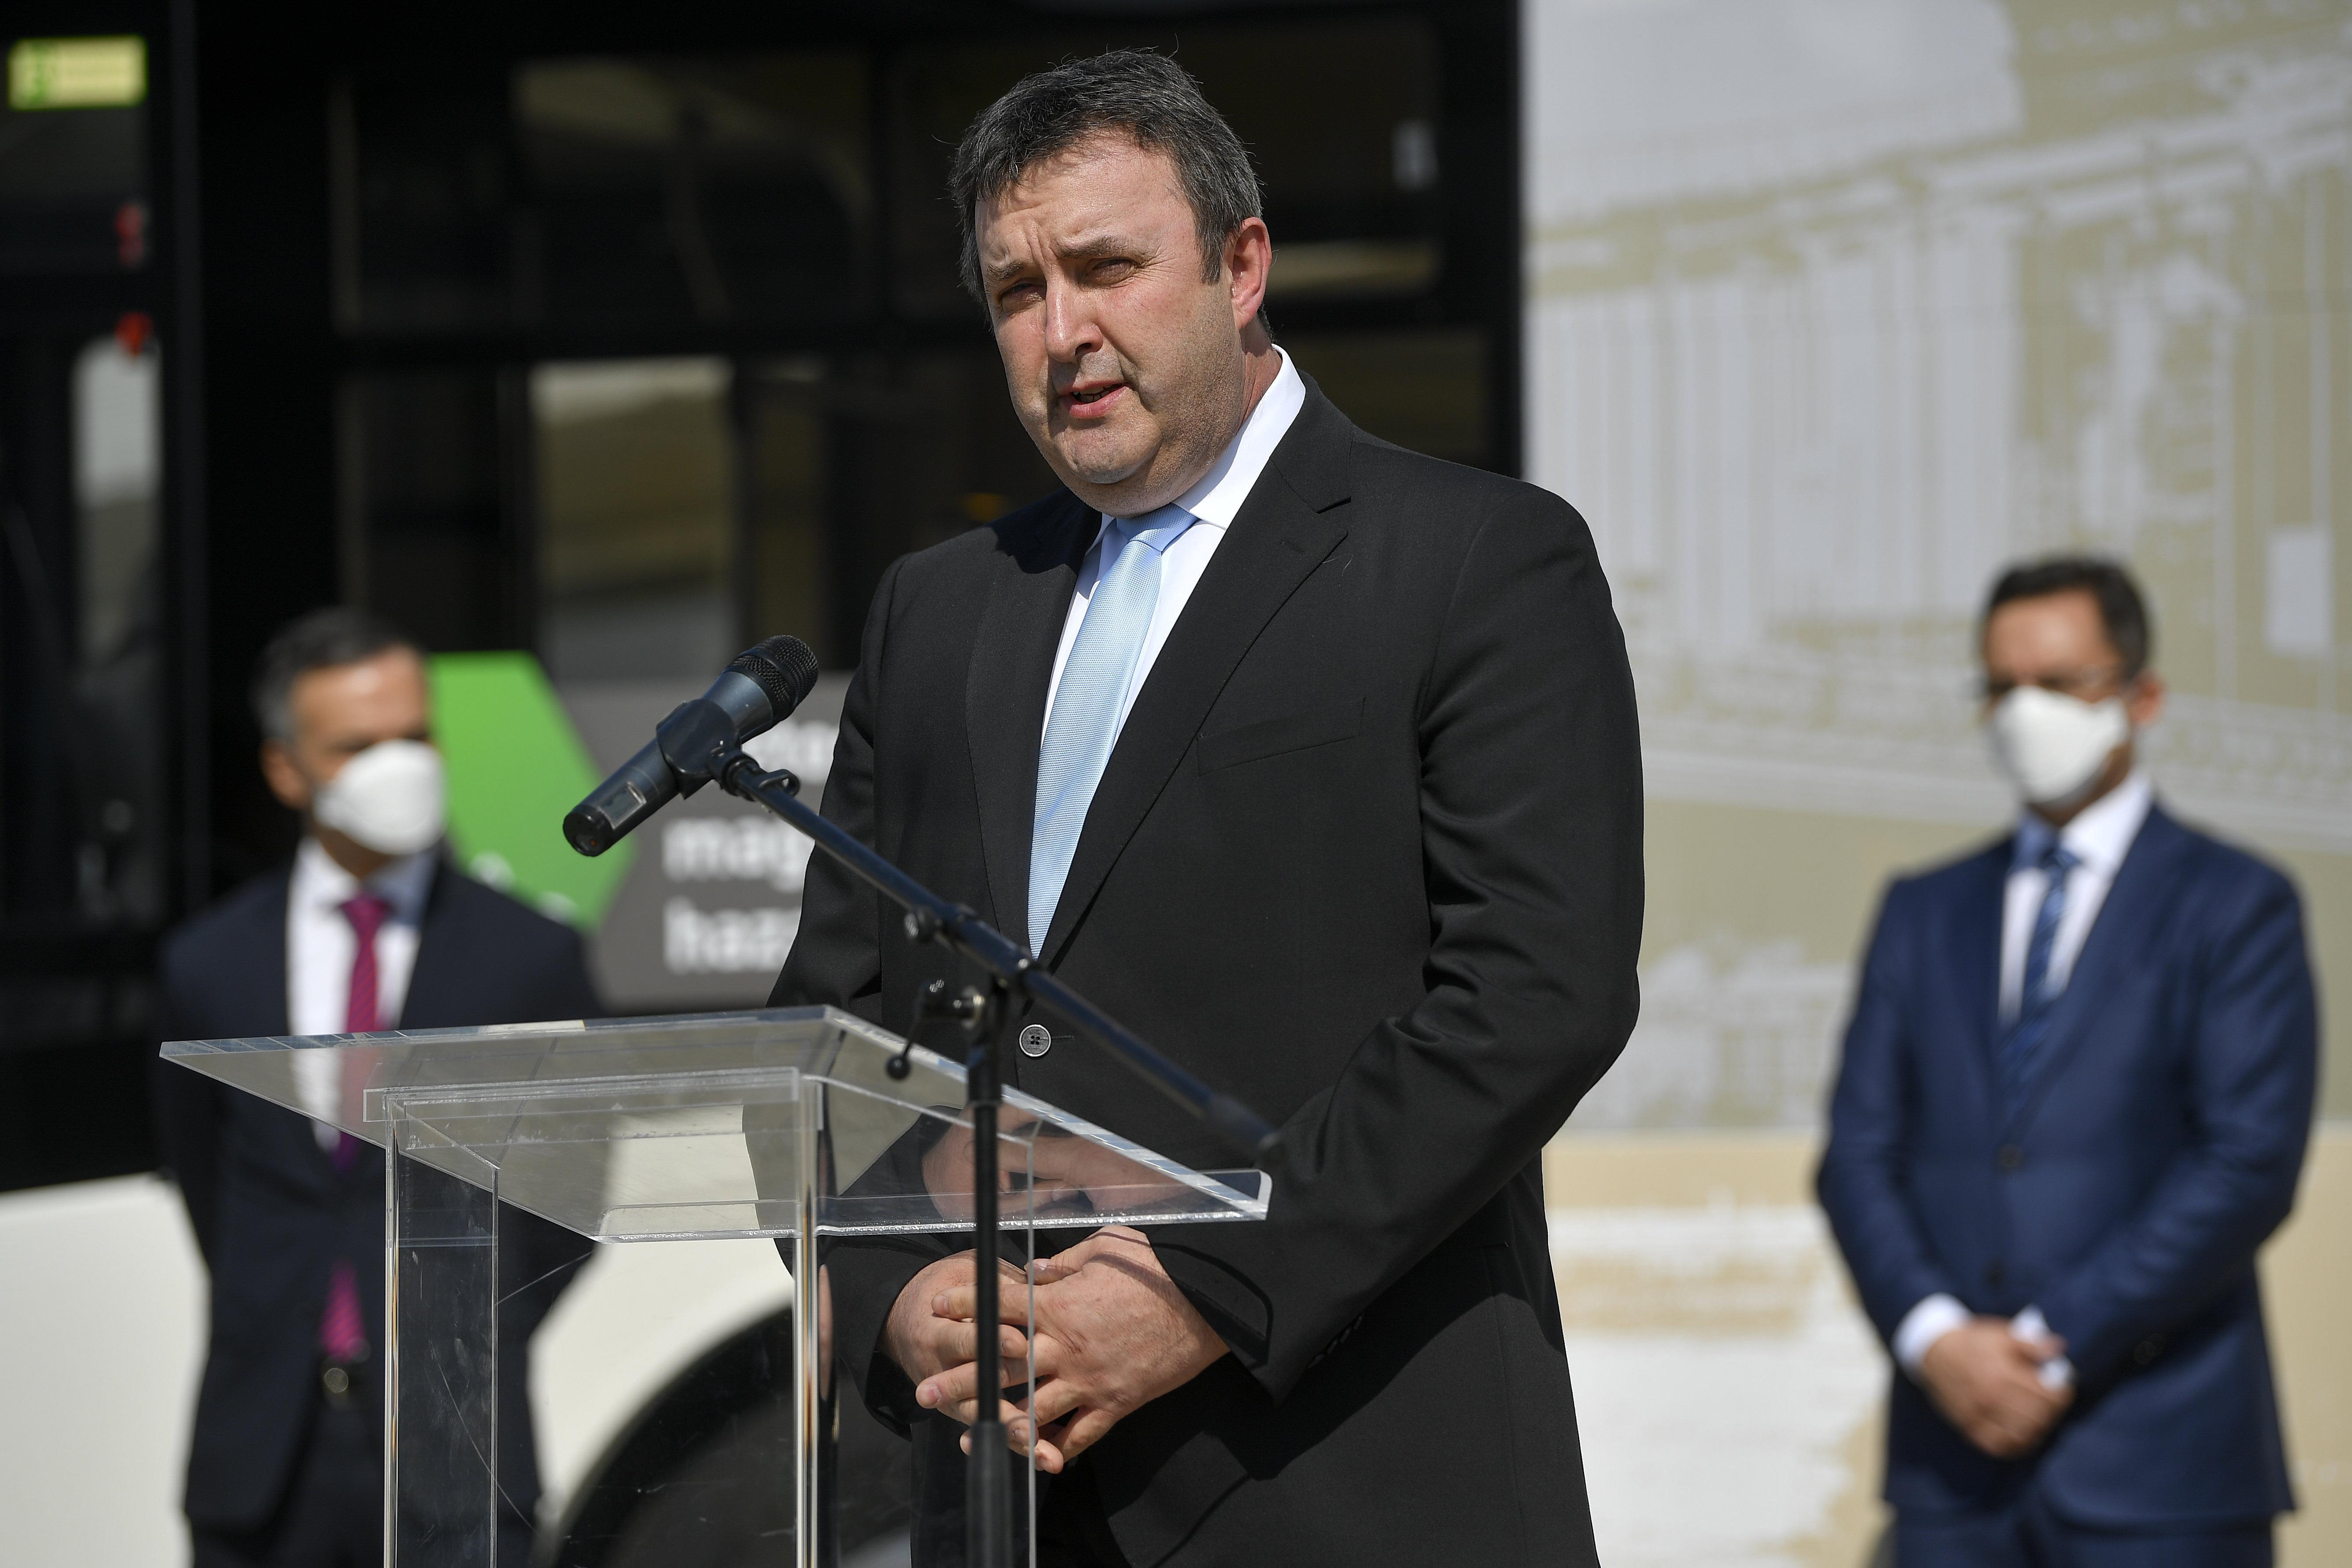 Palkovics: Nincs akkora probléma a gazdaságban, mint sokan mondják, gyors lesz a visszapattanás